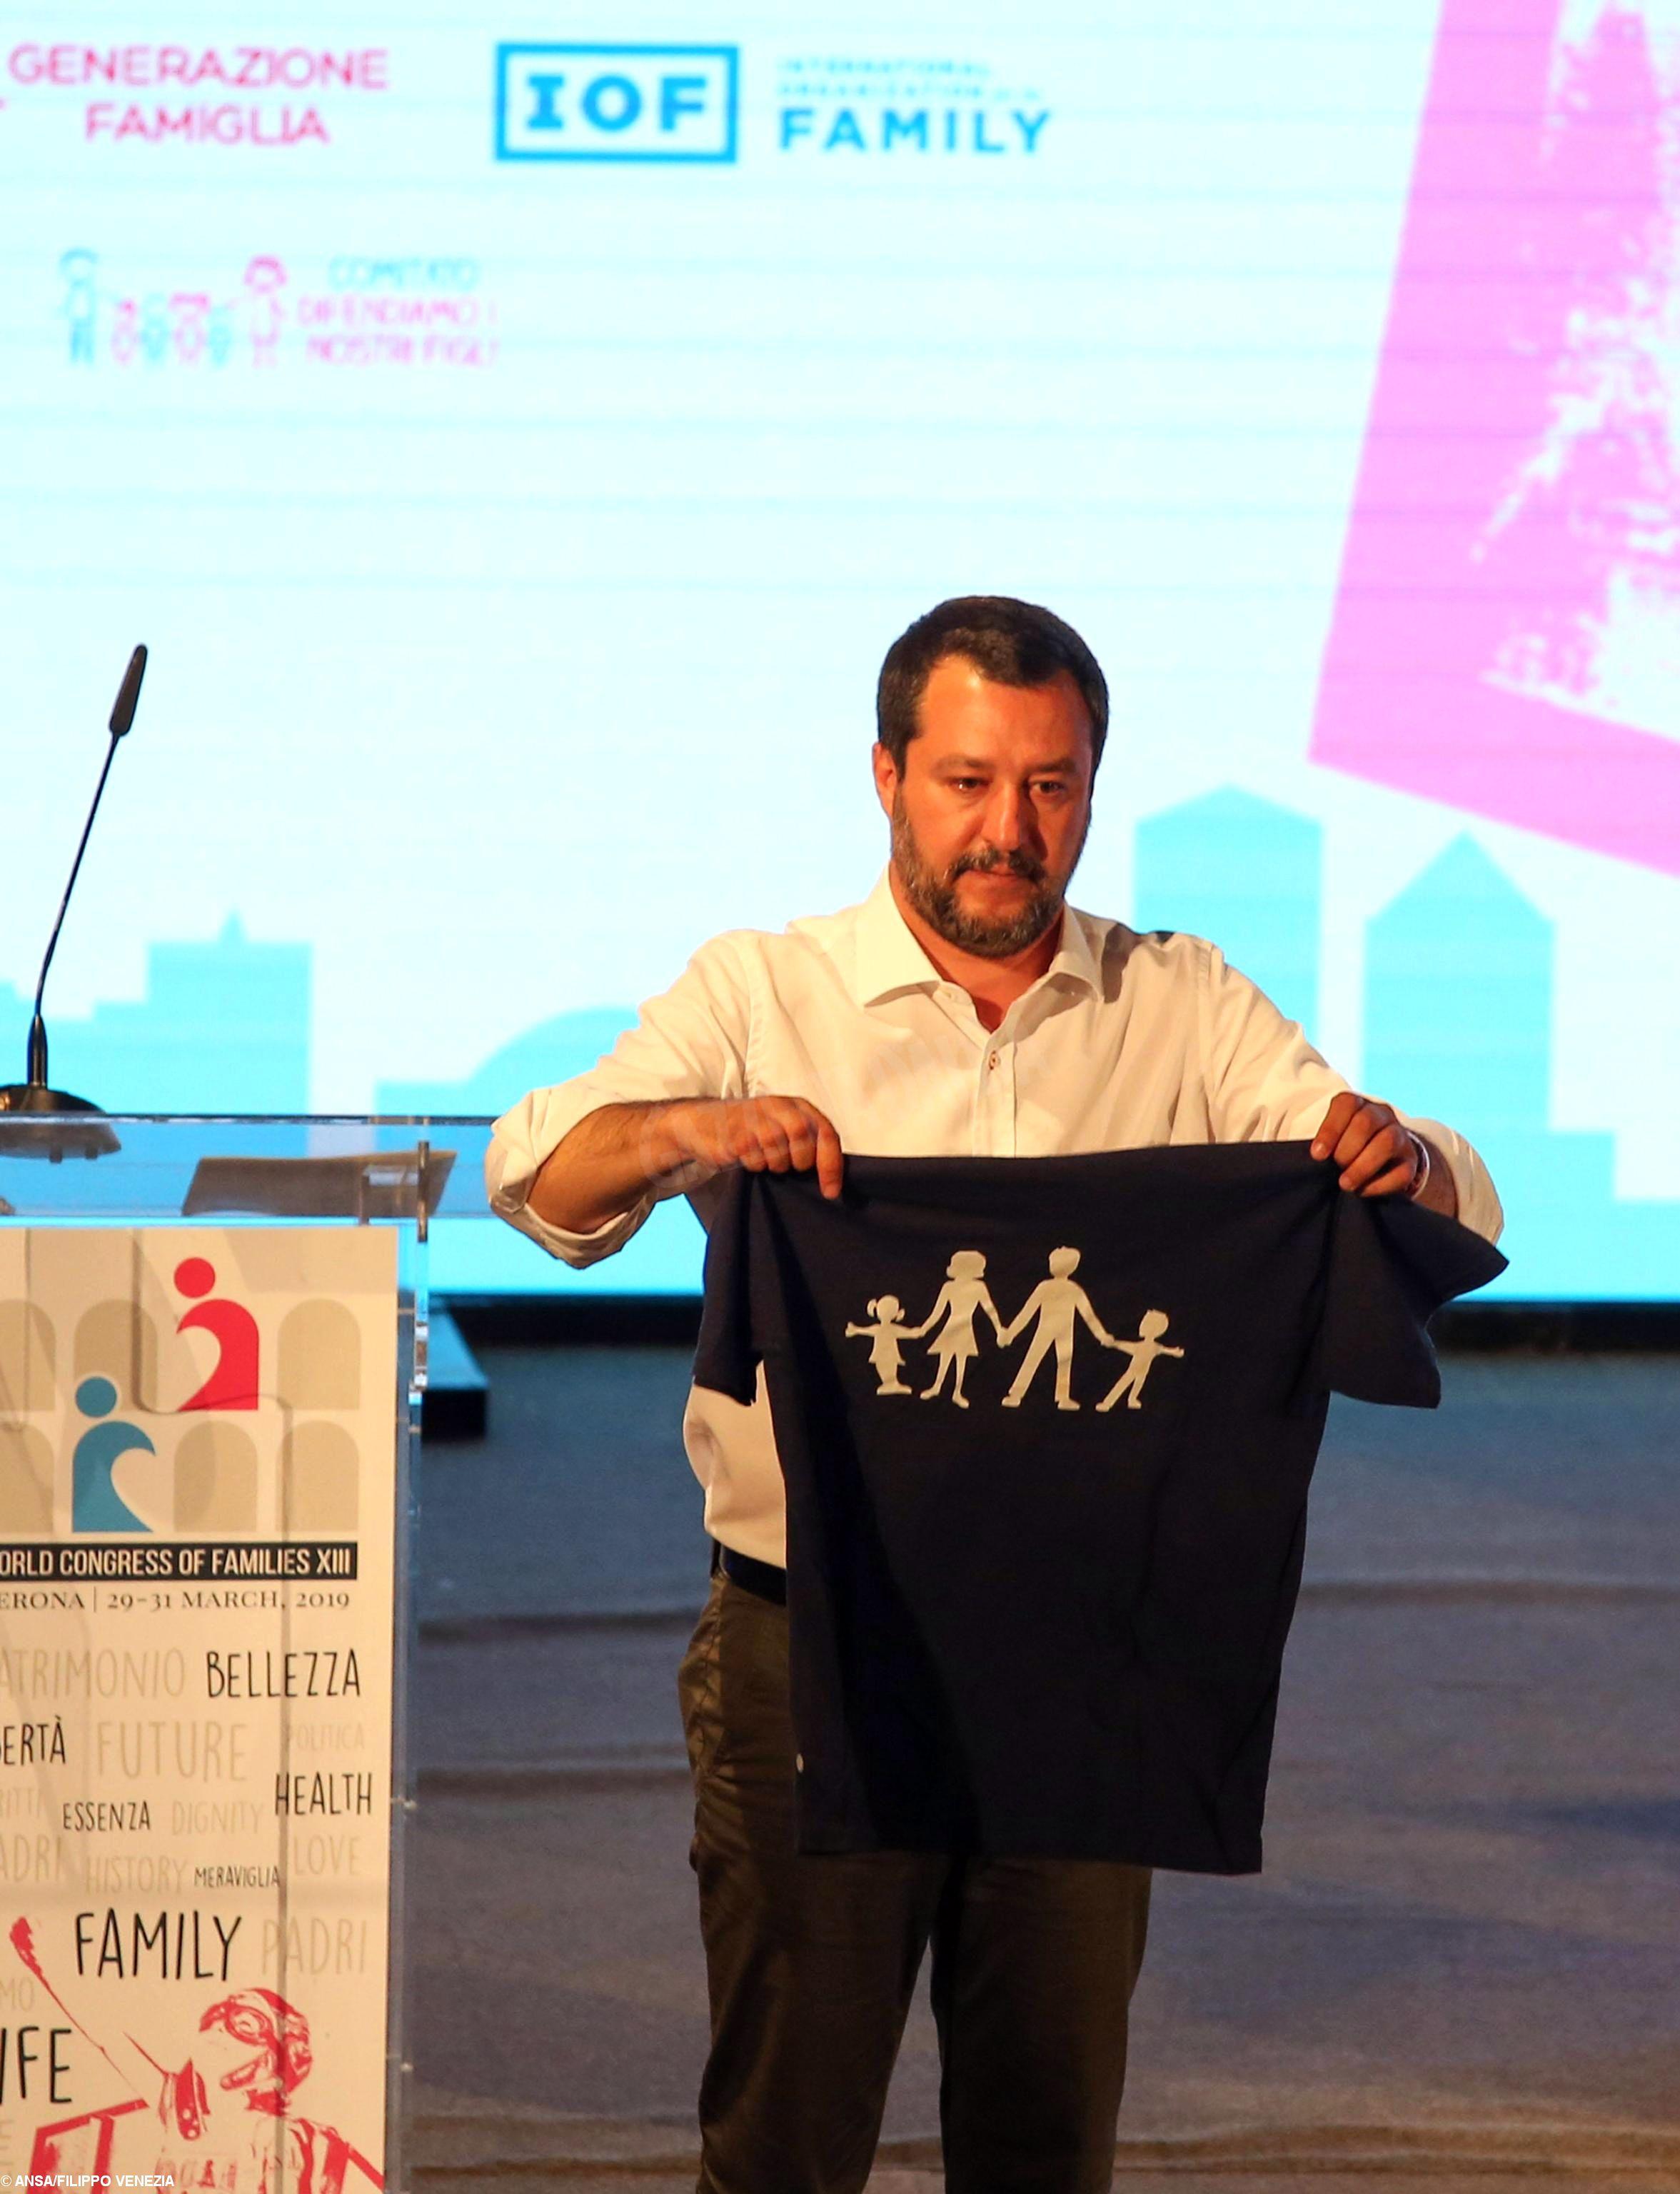 Editoriale sciortino_Salvini_giornali_ansa